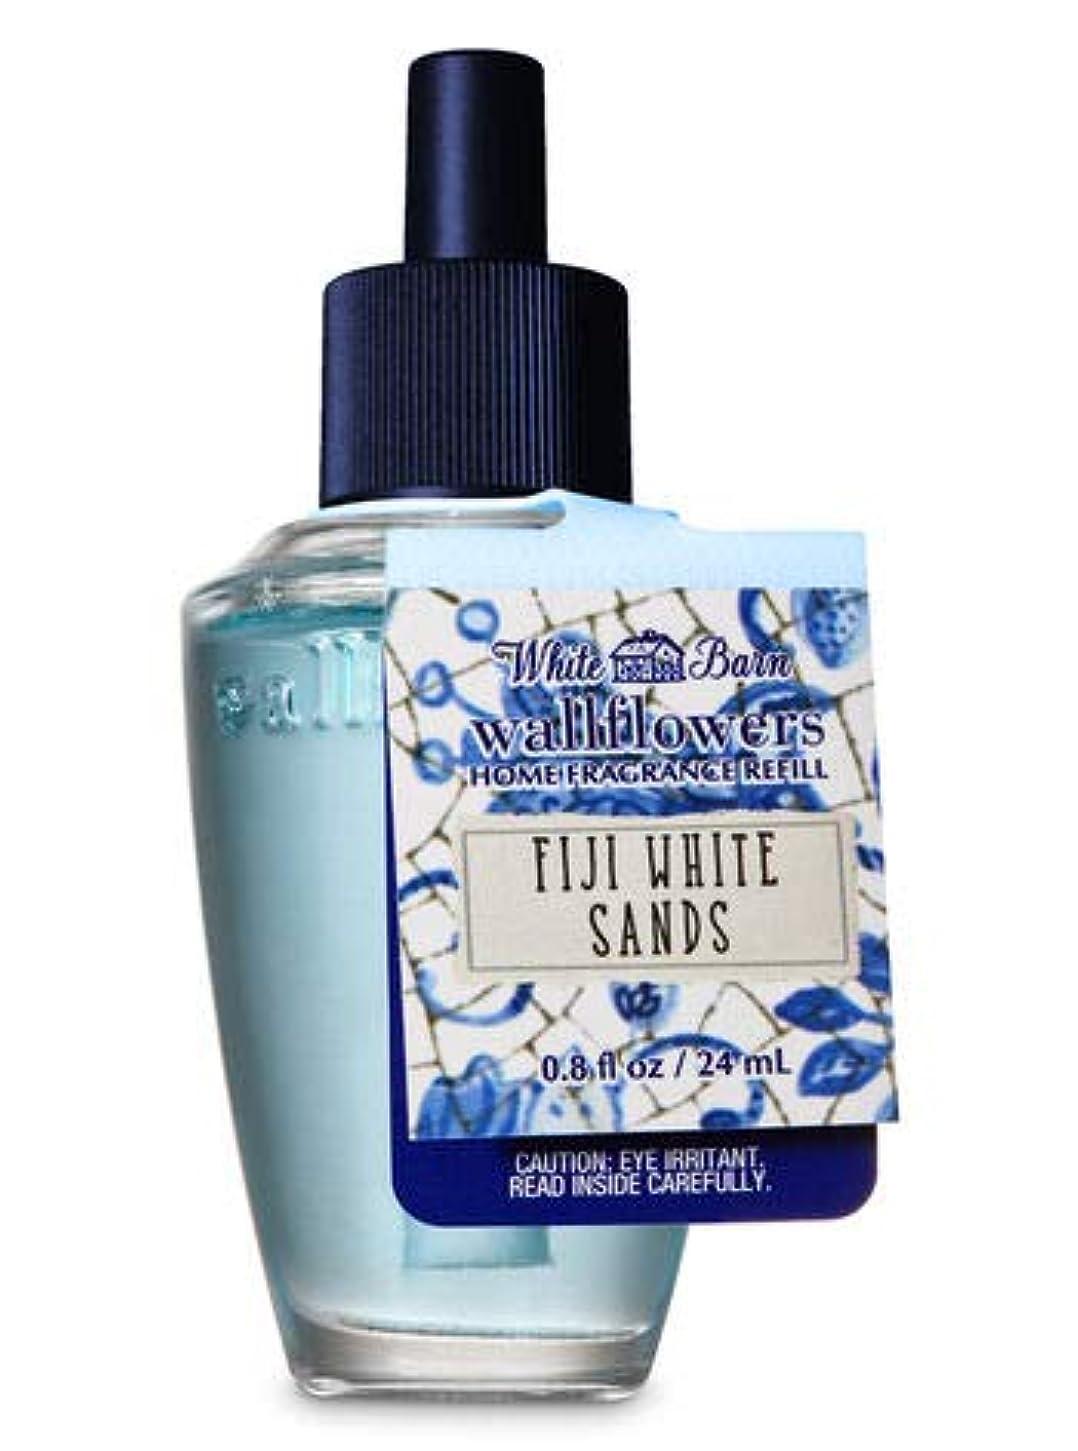 邪魔するクック迷路【Bath&Body Works/バス&ボディワークス】 ルームフレグランス 詰替えリフィル フィジーホワイトサンド Wallflowers Home Fragrance Refill Fiji White Sands [並行輸入品]